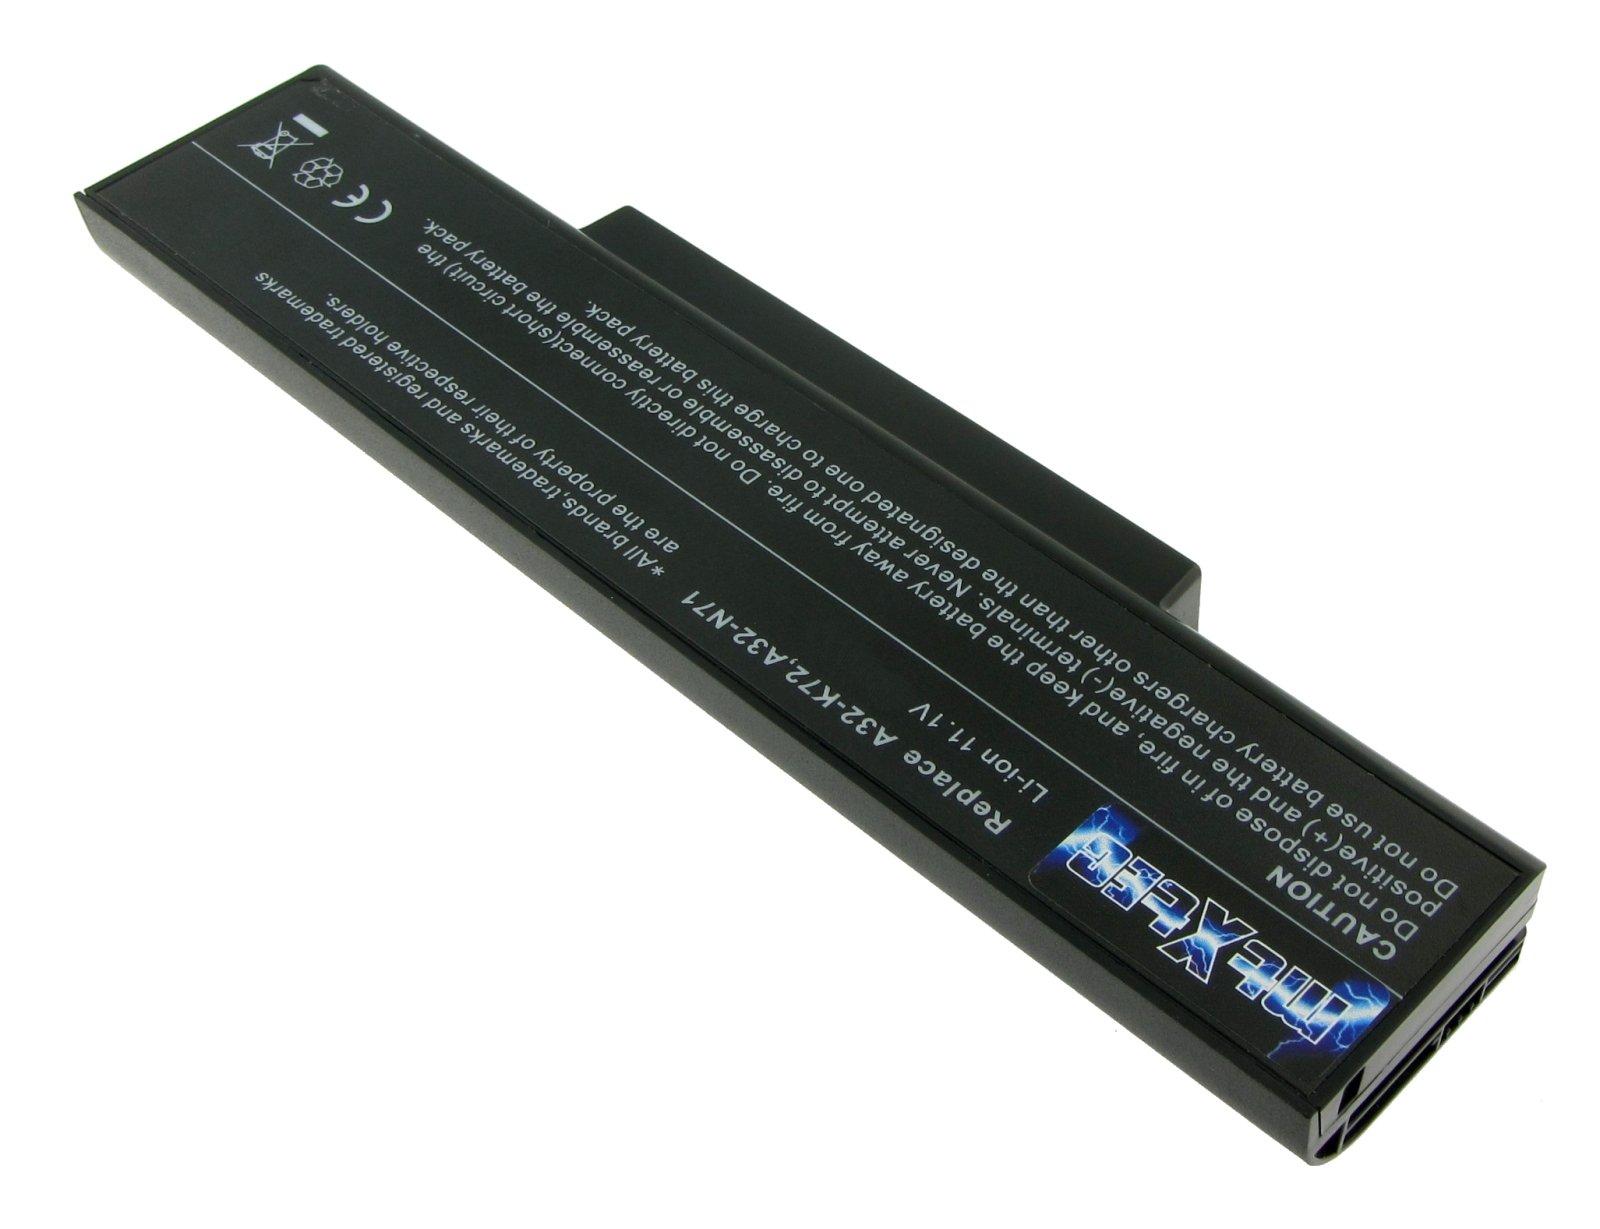 A32-K72 MTXtec Batería del portátil 5200 mAh (58Wh), LiIon 10.8V ...